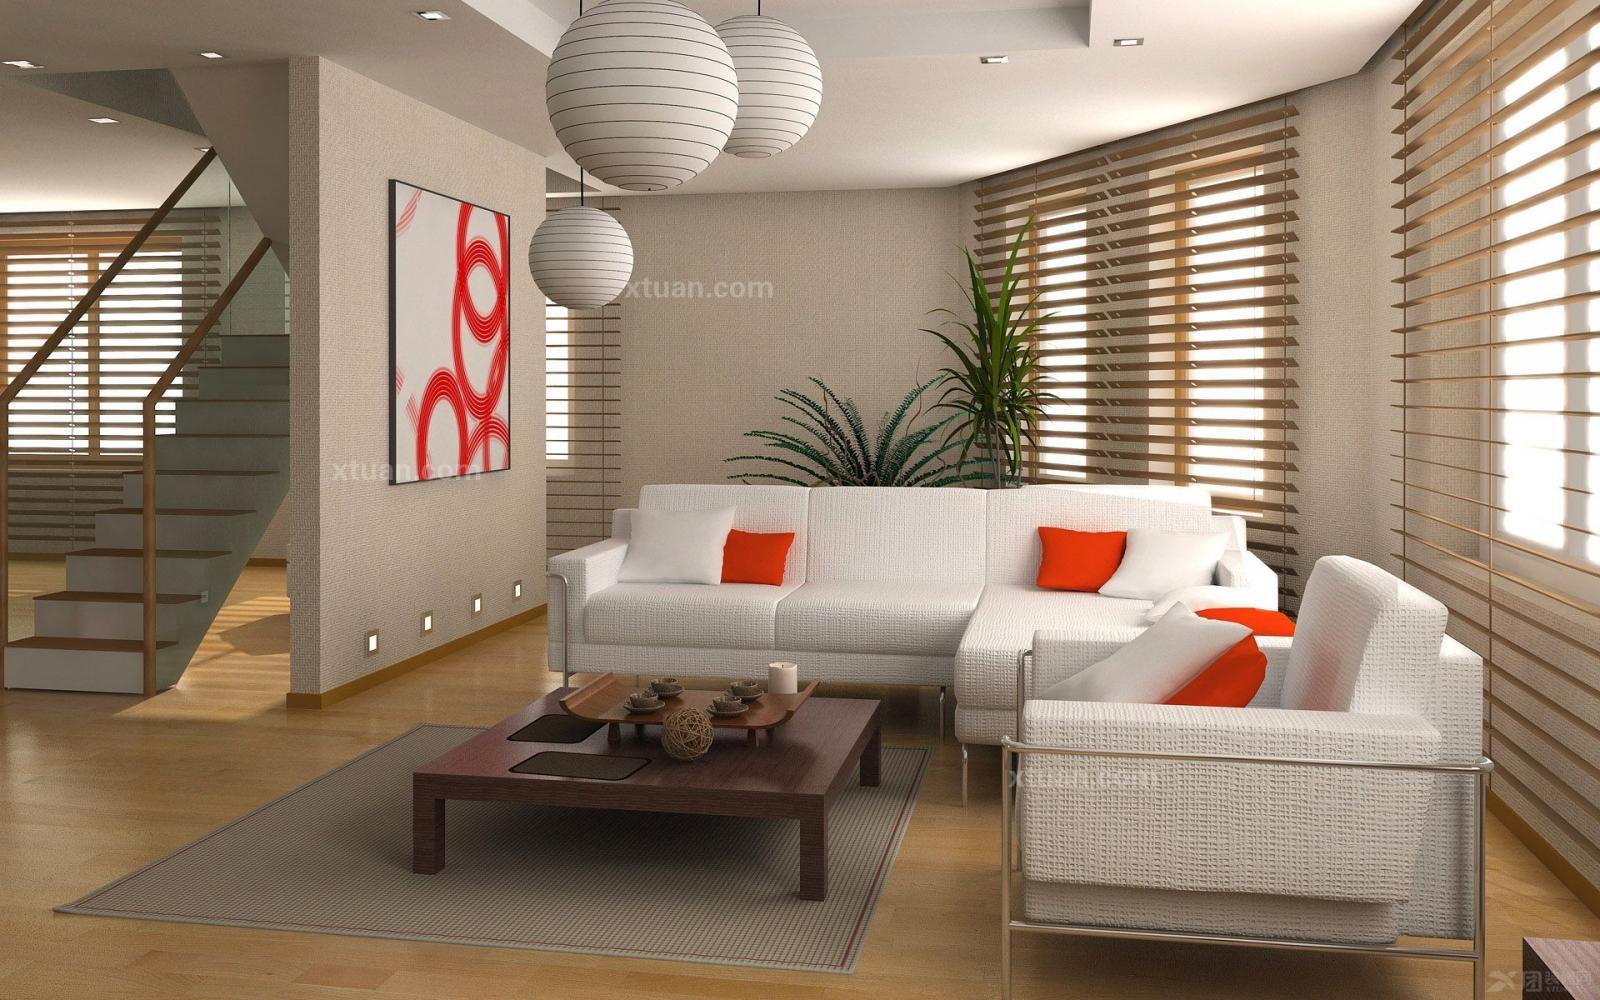 房屋装修预算表下载 房屋装修工程预算表 个人房屋装修预高清图片